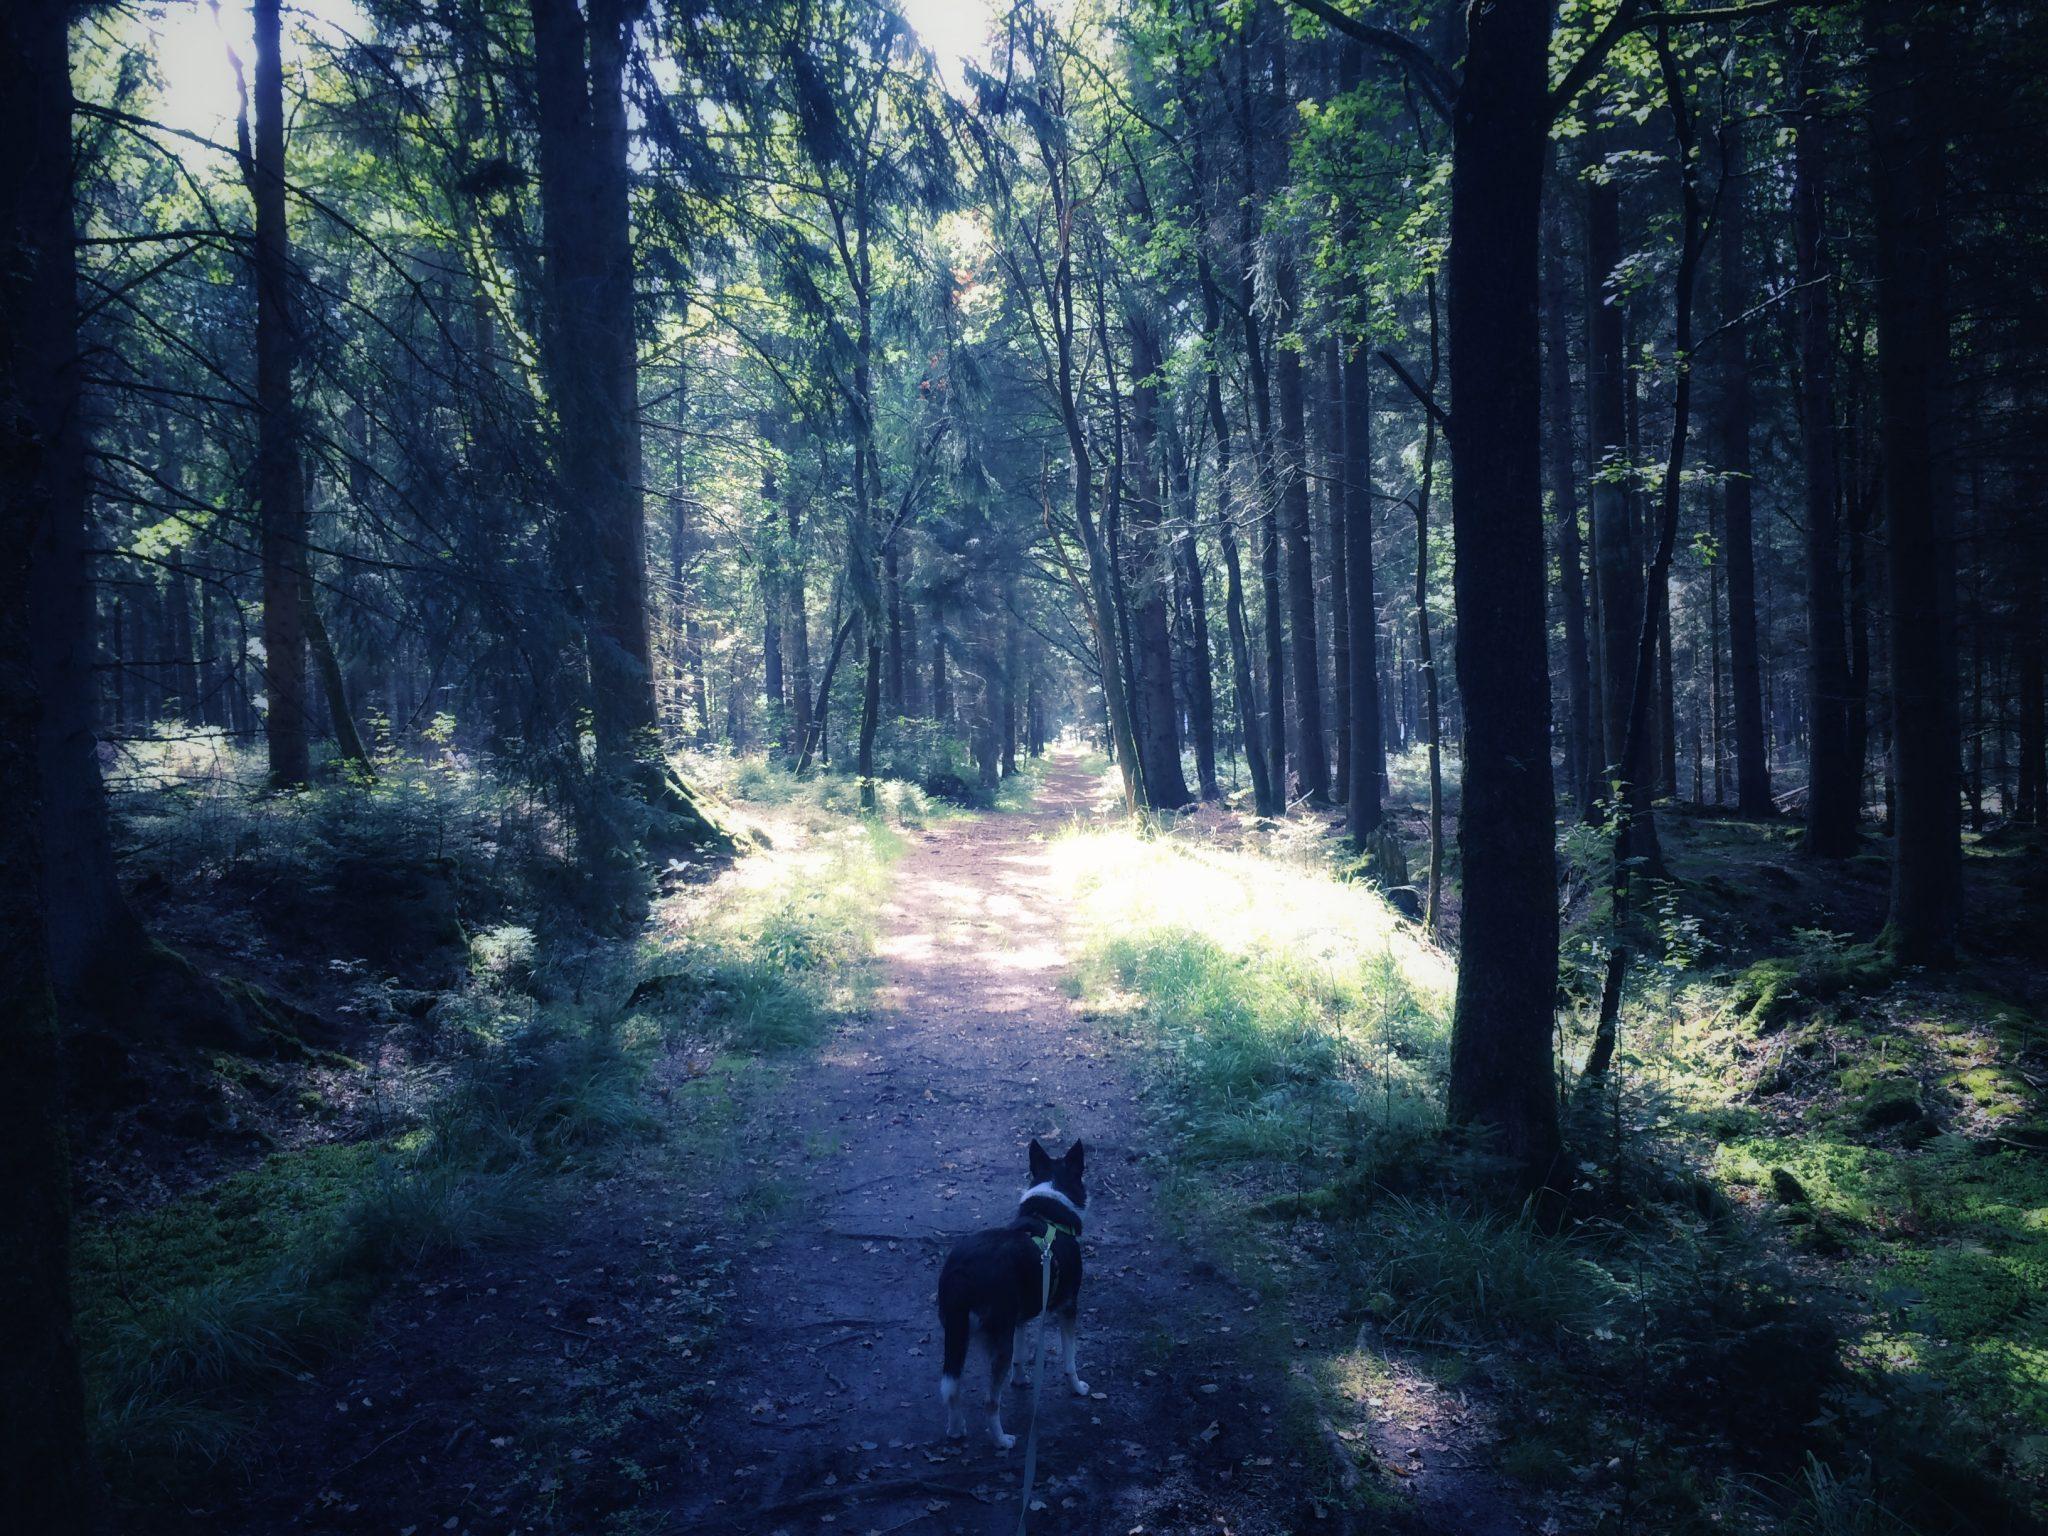 Auslandshund im Wald